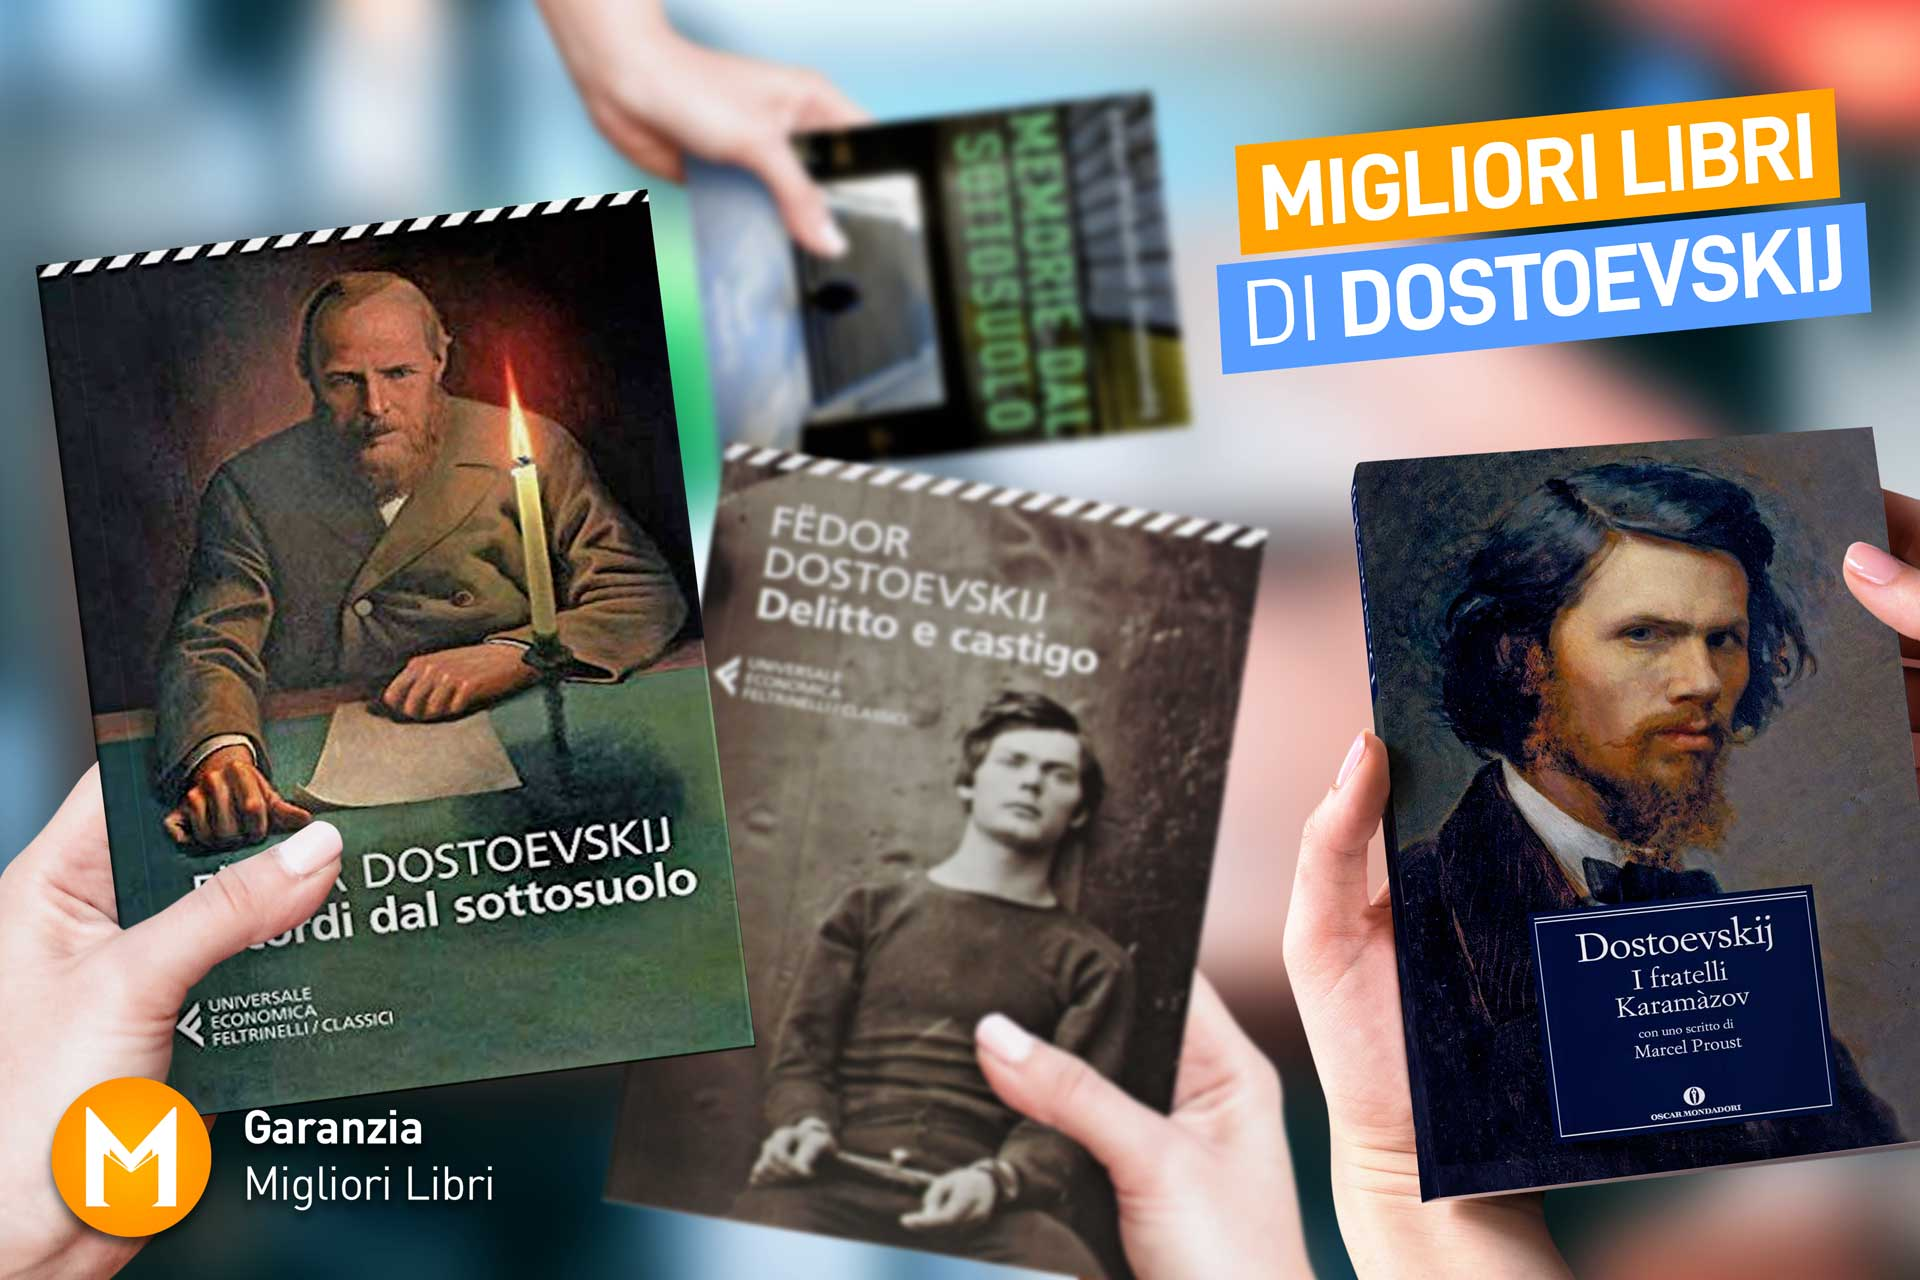 migliori-libri-di-dostoevskij-fedor